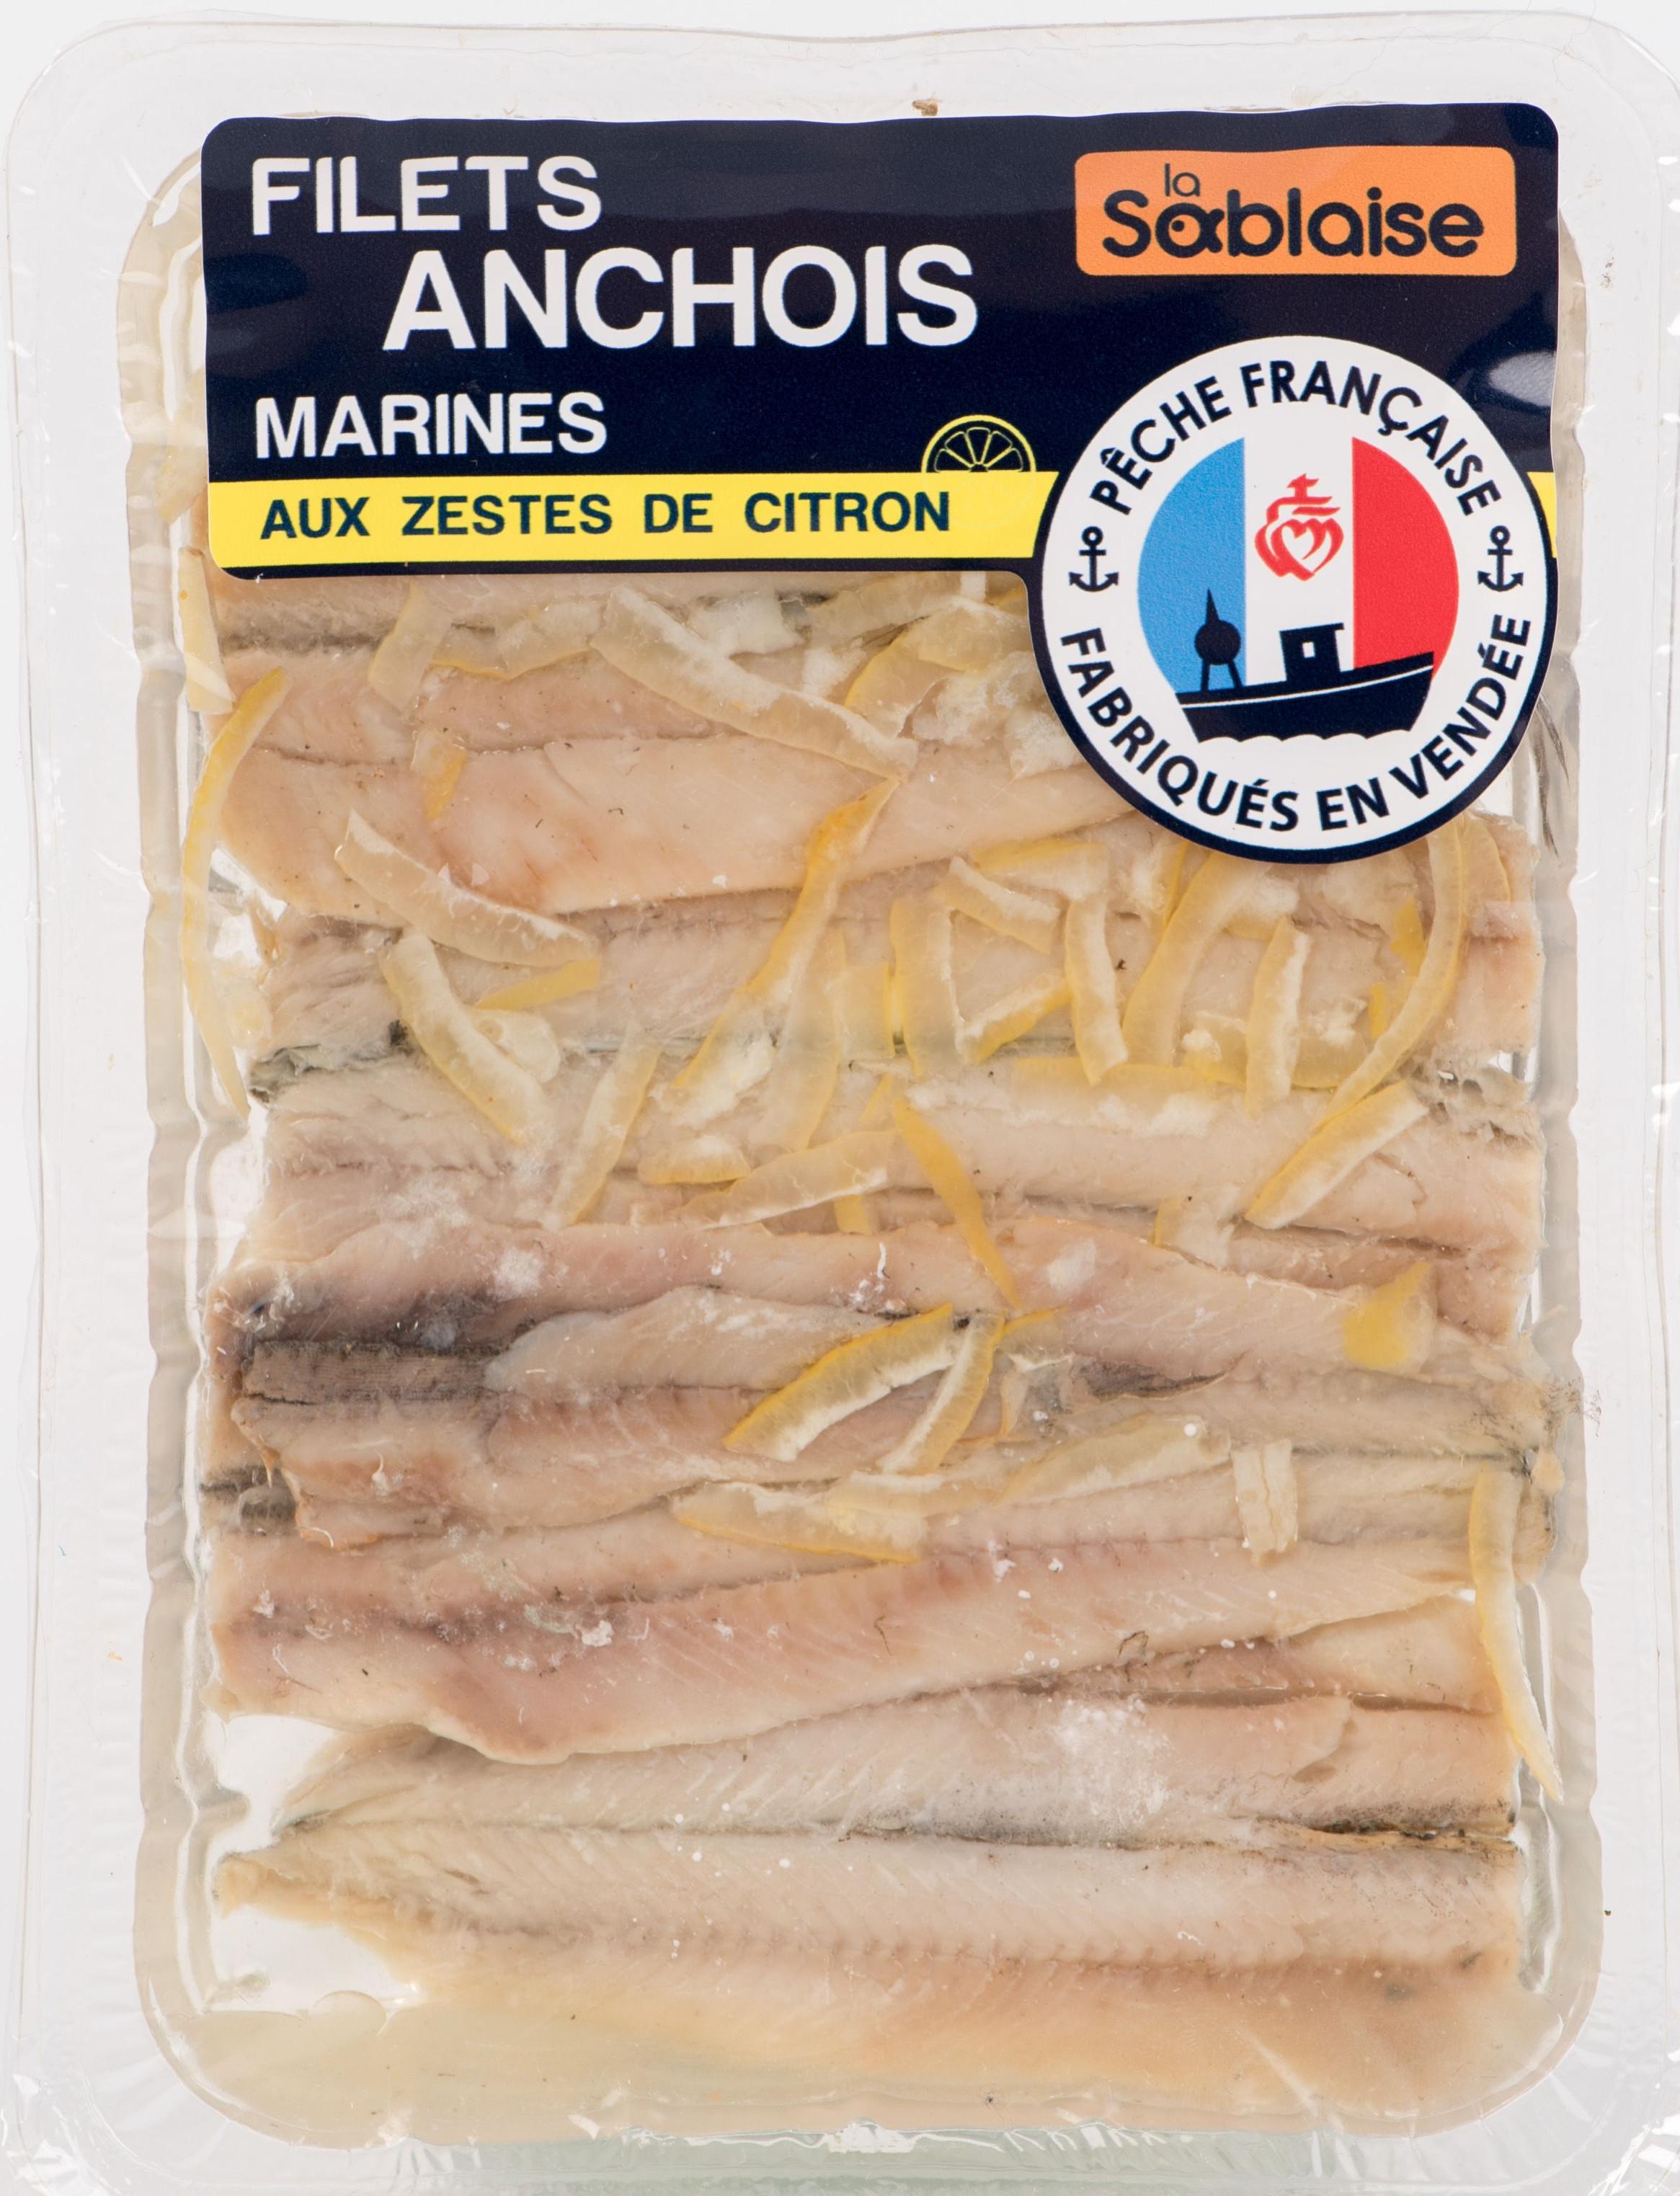 Anchois filets aux zestes de citron, La Sablaise (140 g)